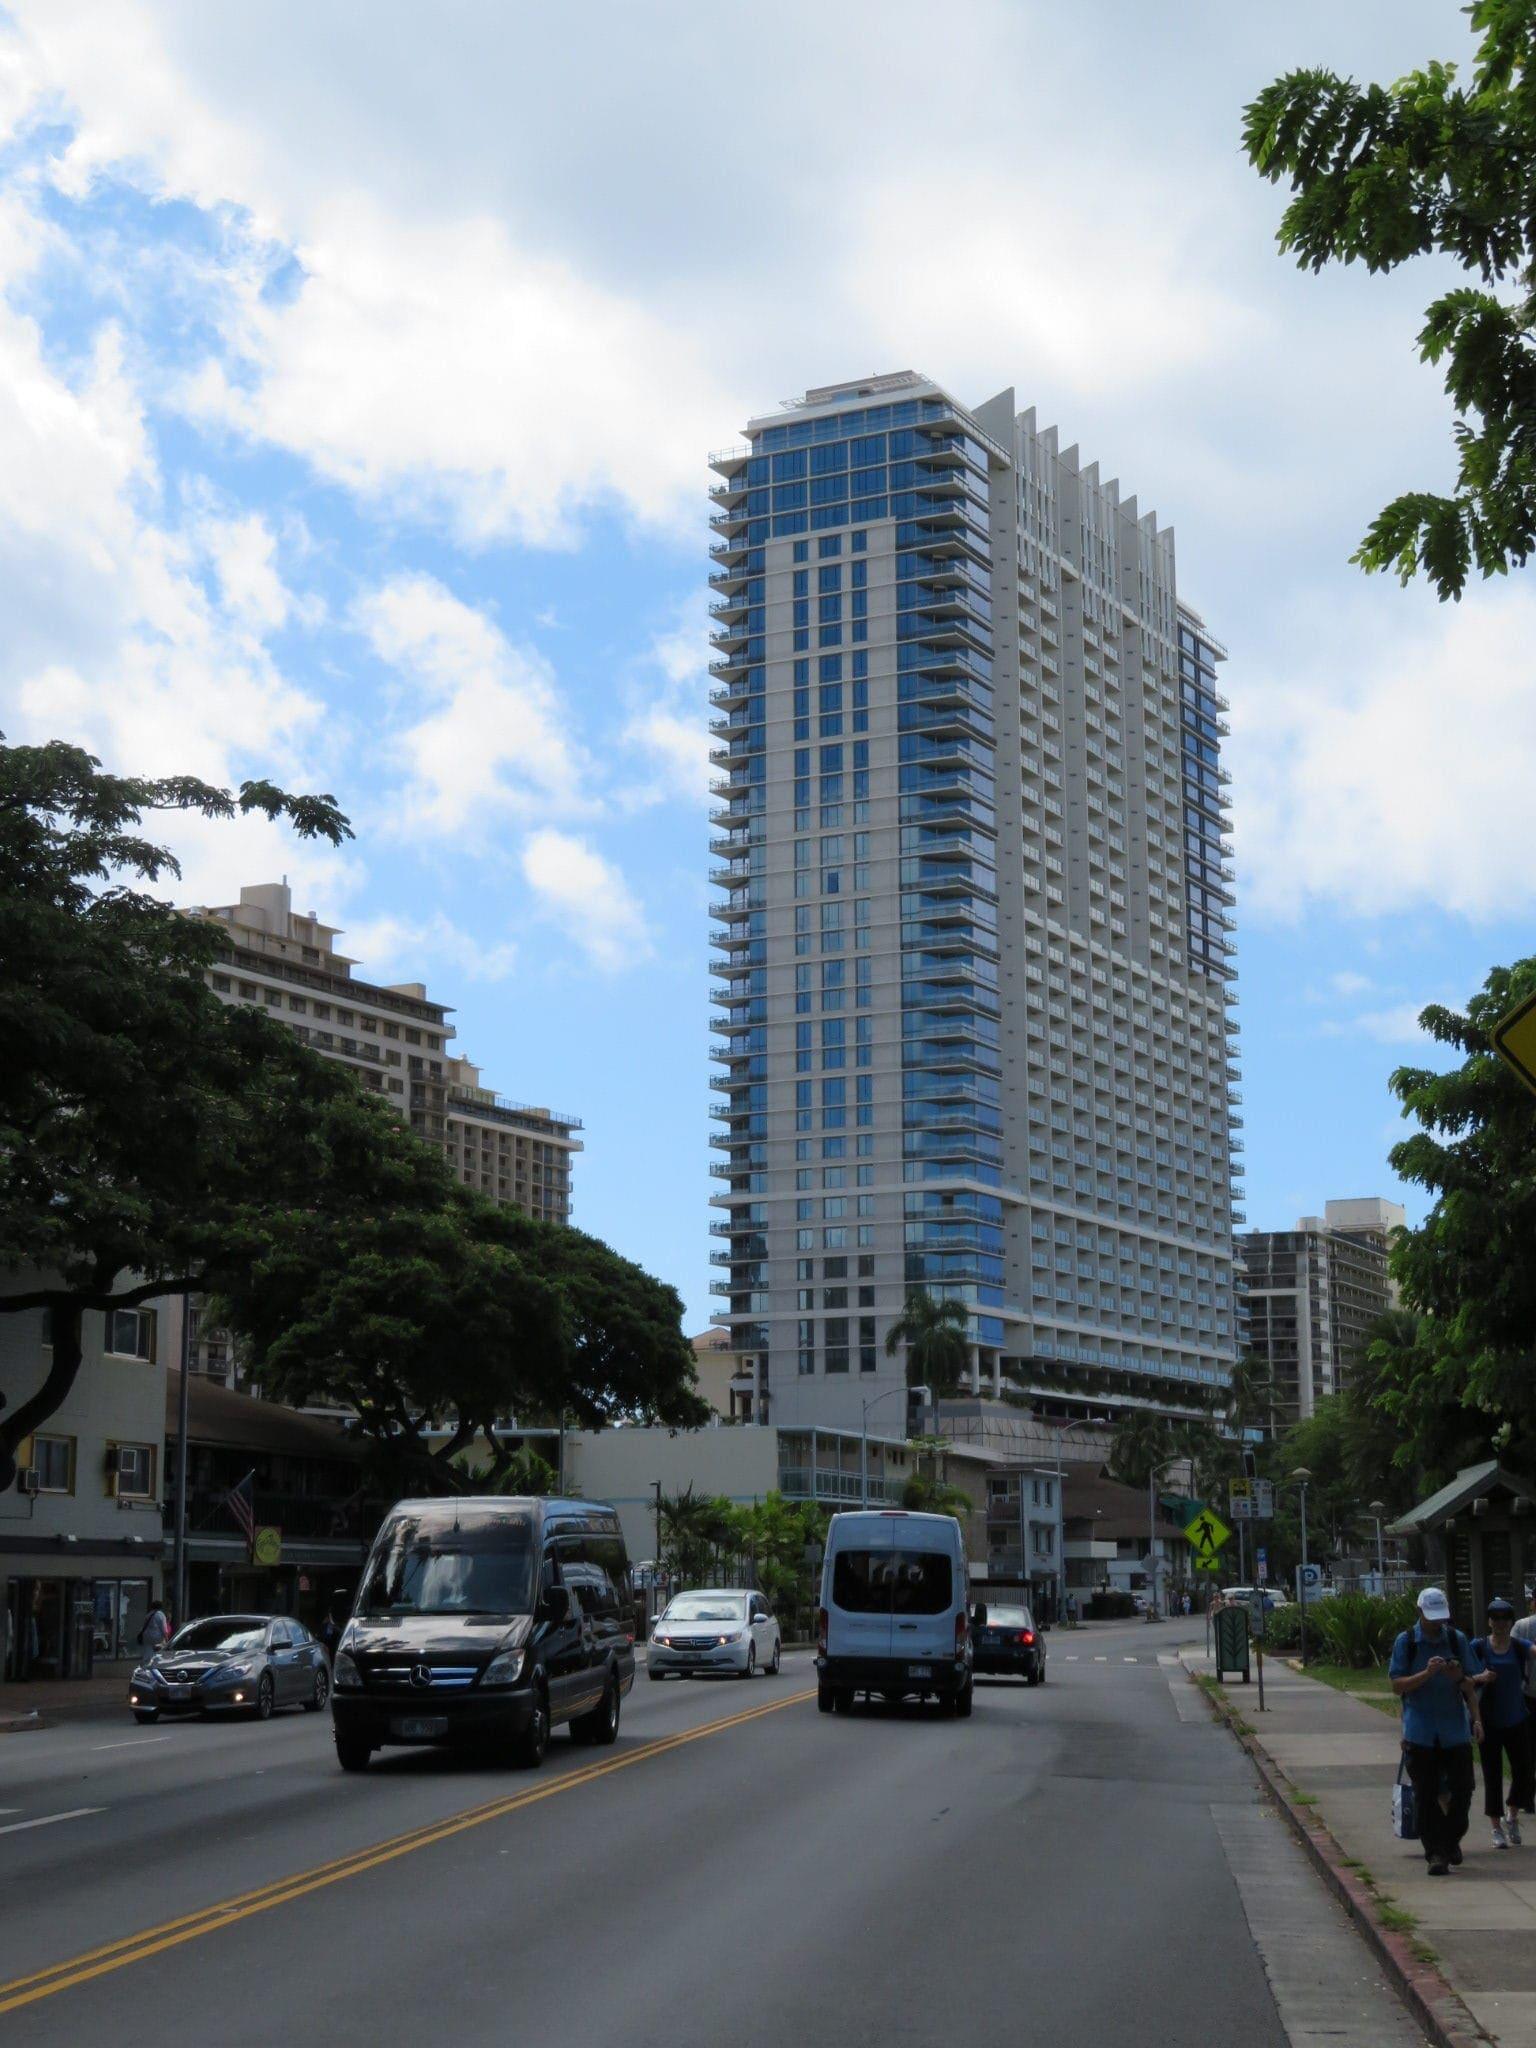 トランプ・タワー・ワイキキ / Trump Tower Waikiki